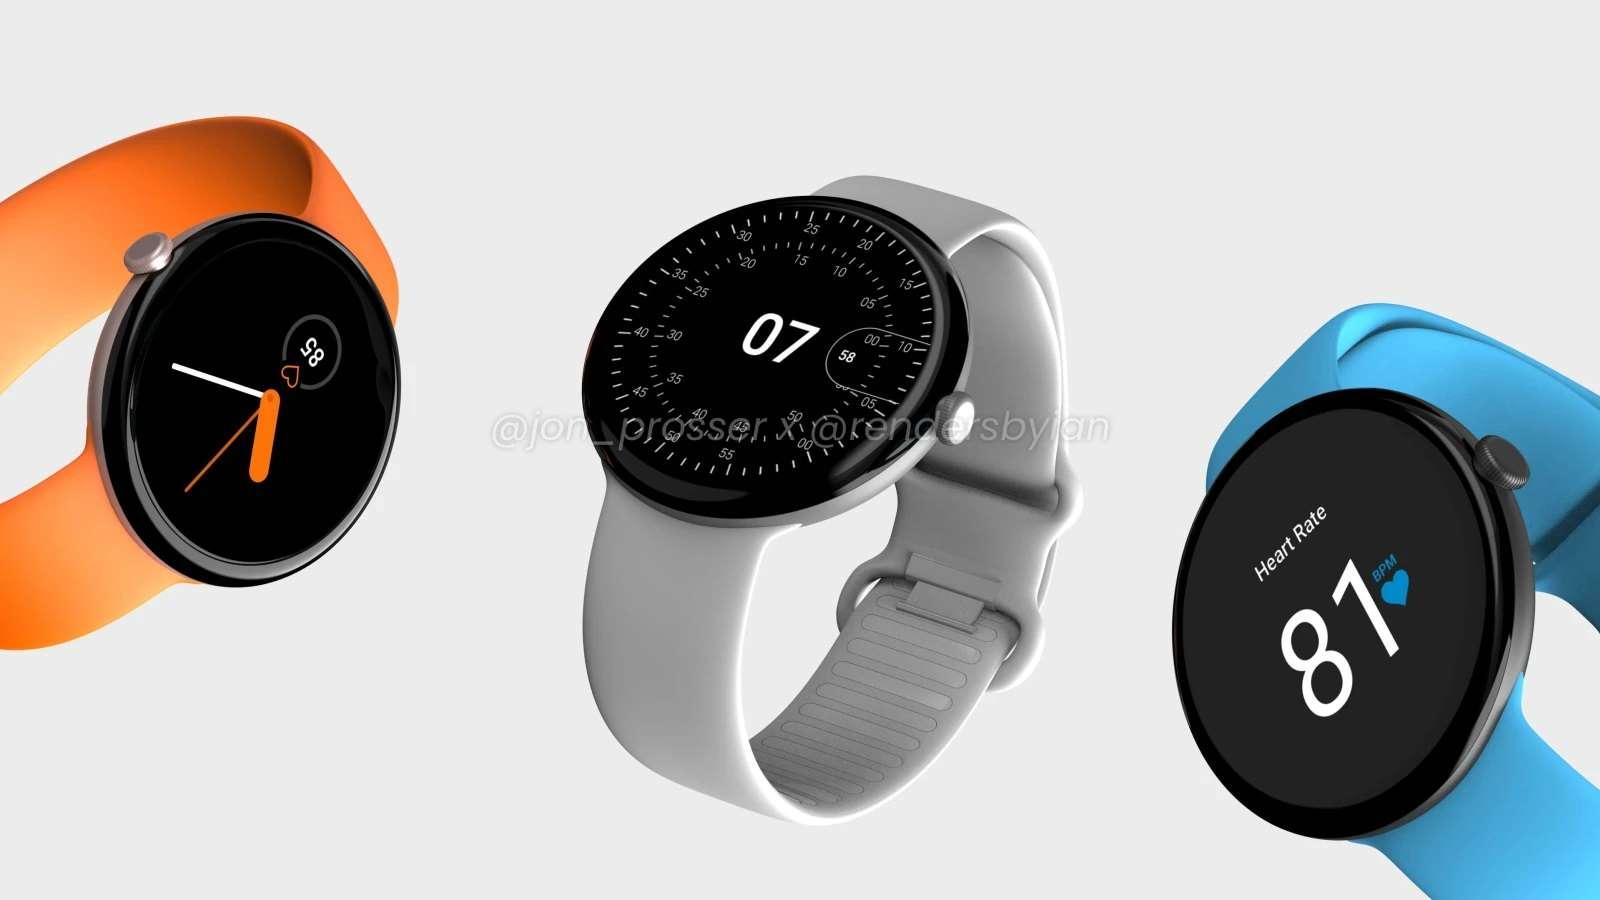 رندر های ساعت هوشمند پیکسل واچ گوگل منتشر شد: اپل واچ با طعم دایره!